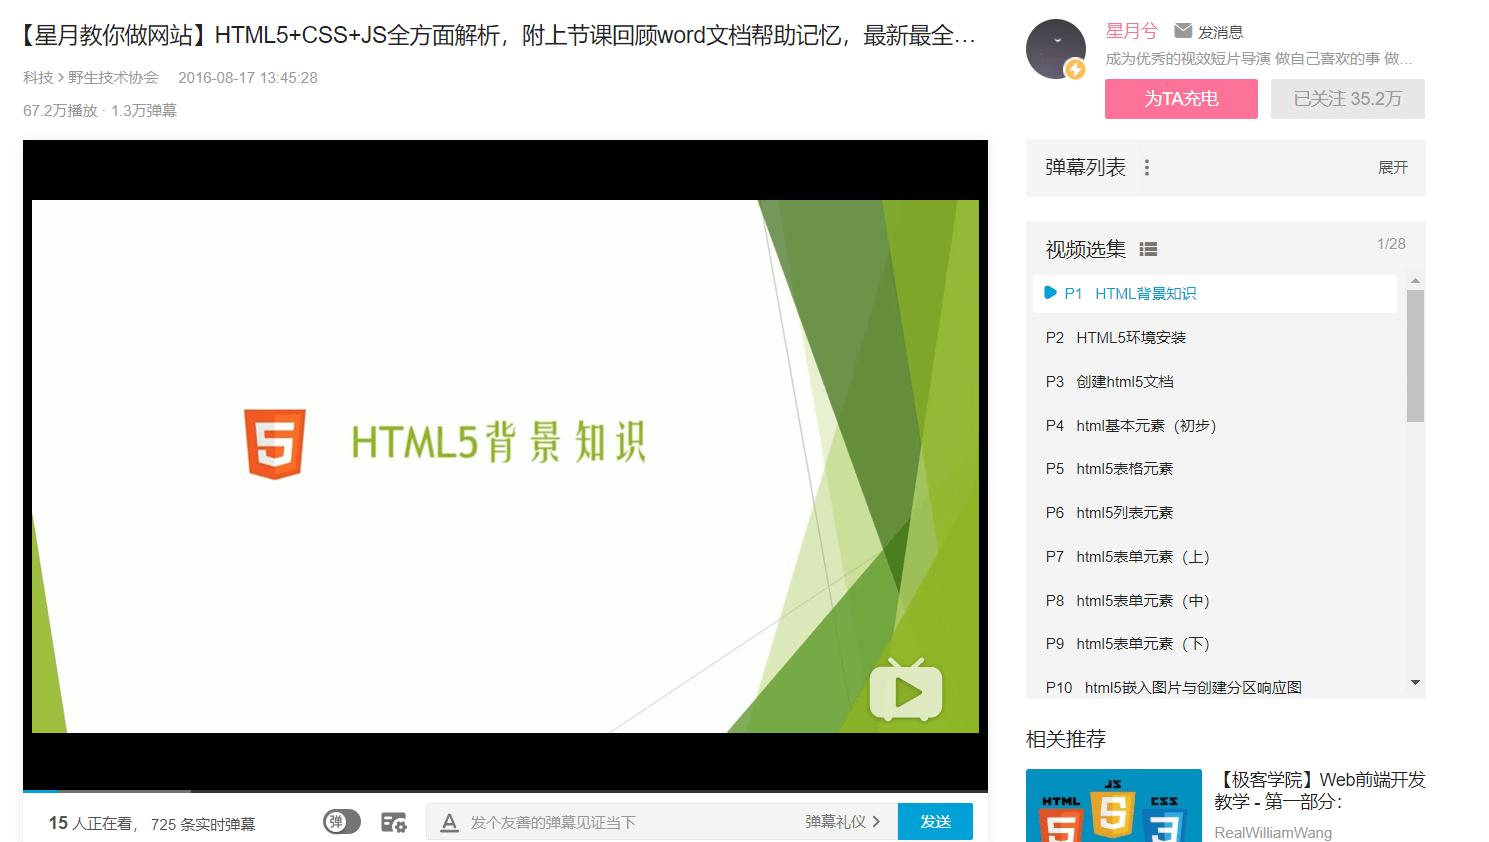 HTML5+CSS+JS基础教程笔记